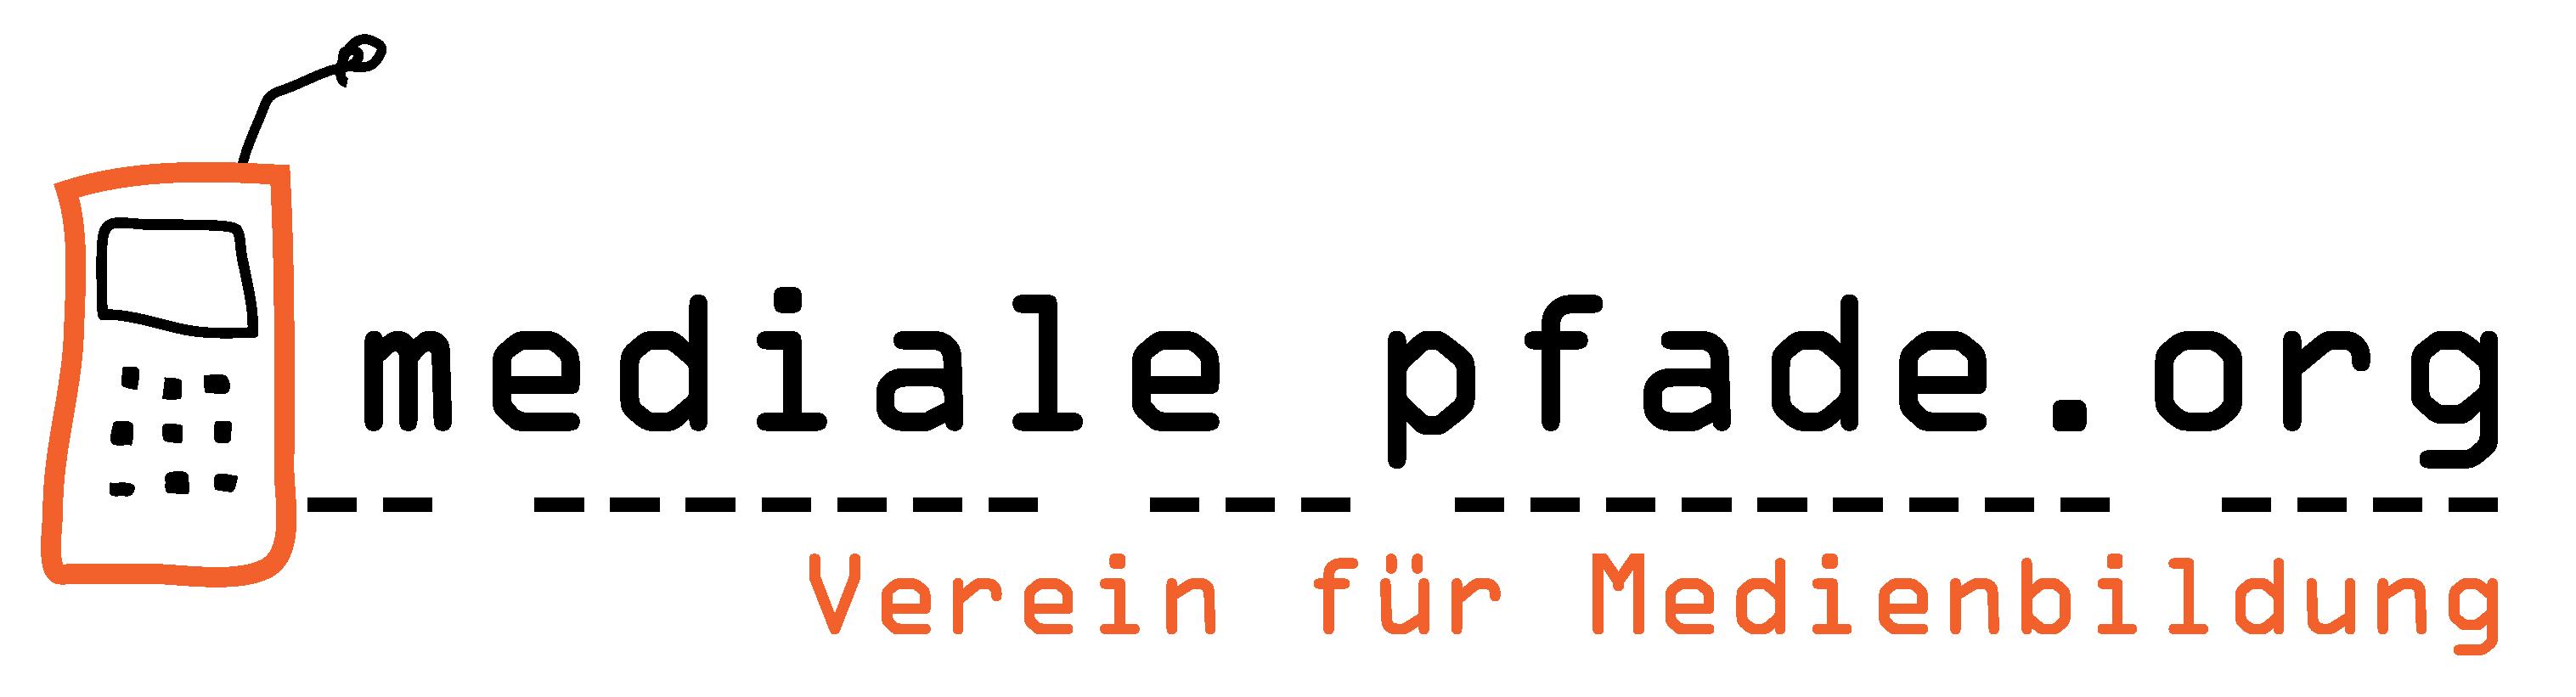 mediale pfade.org